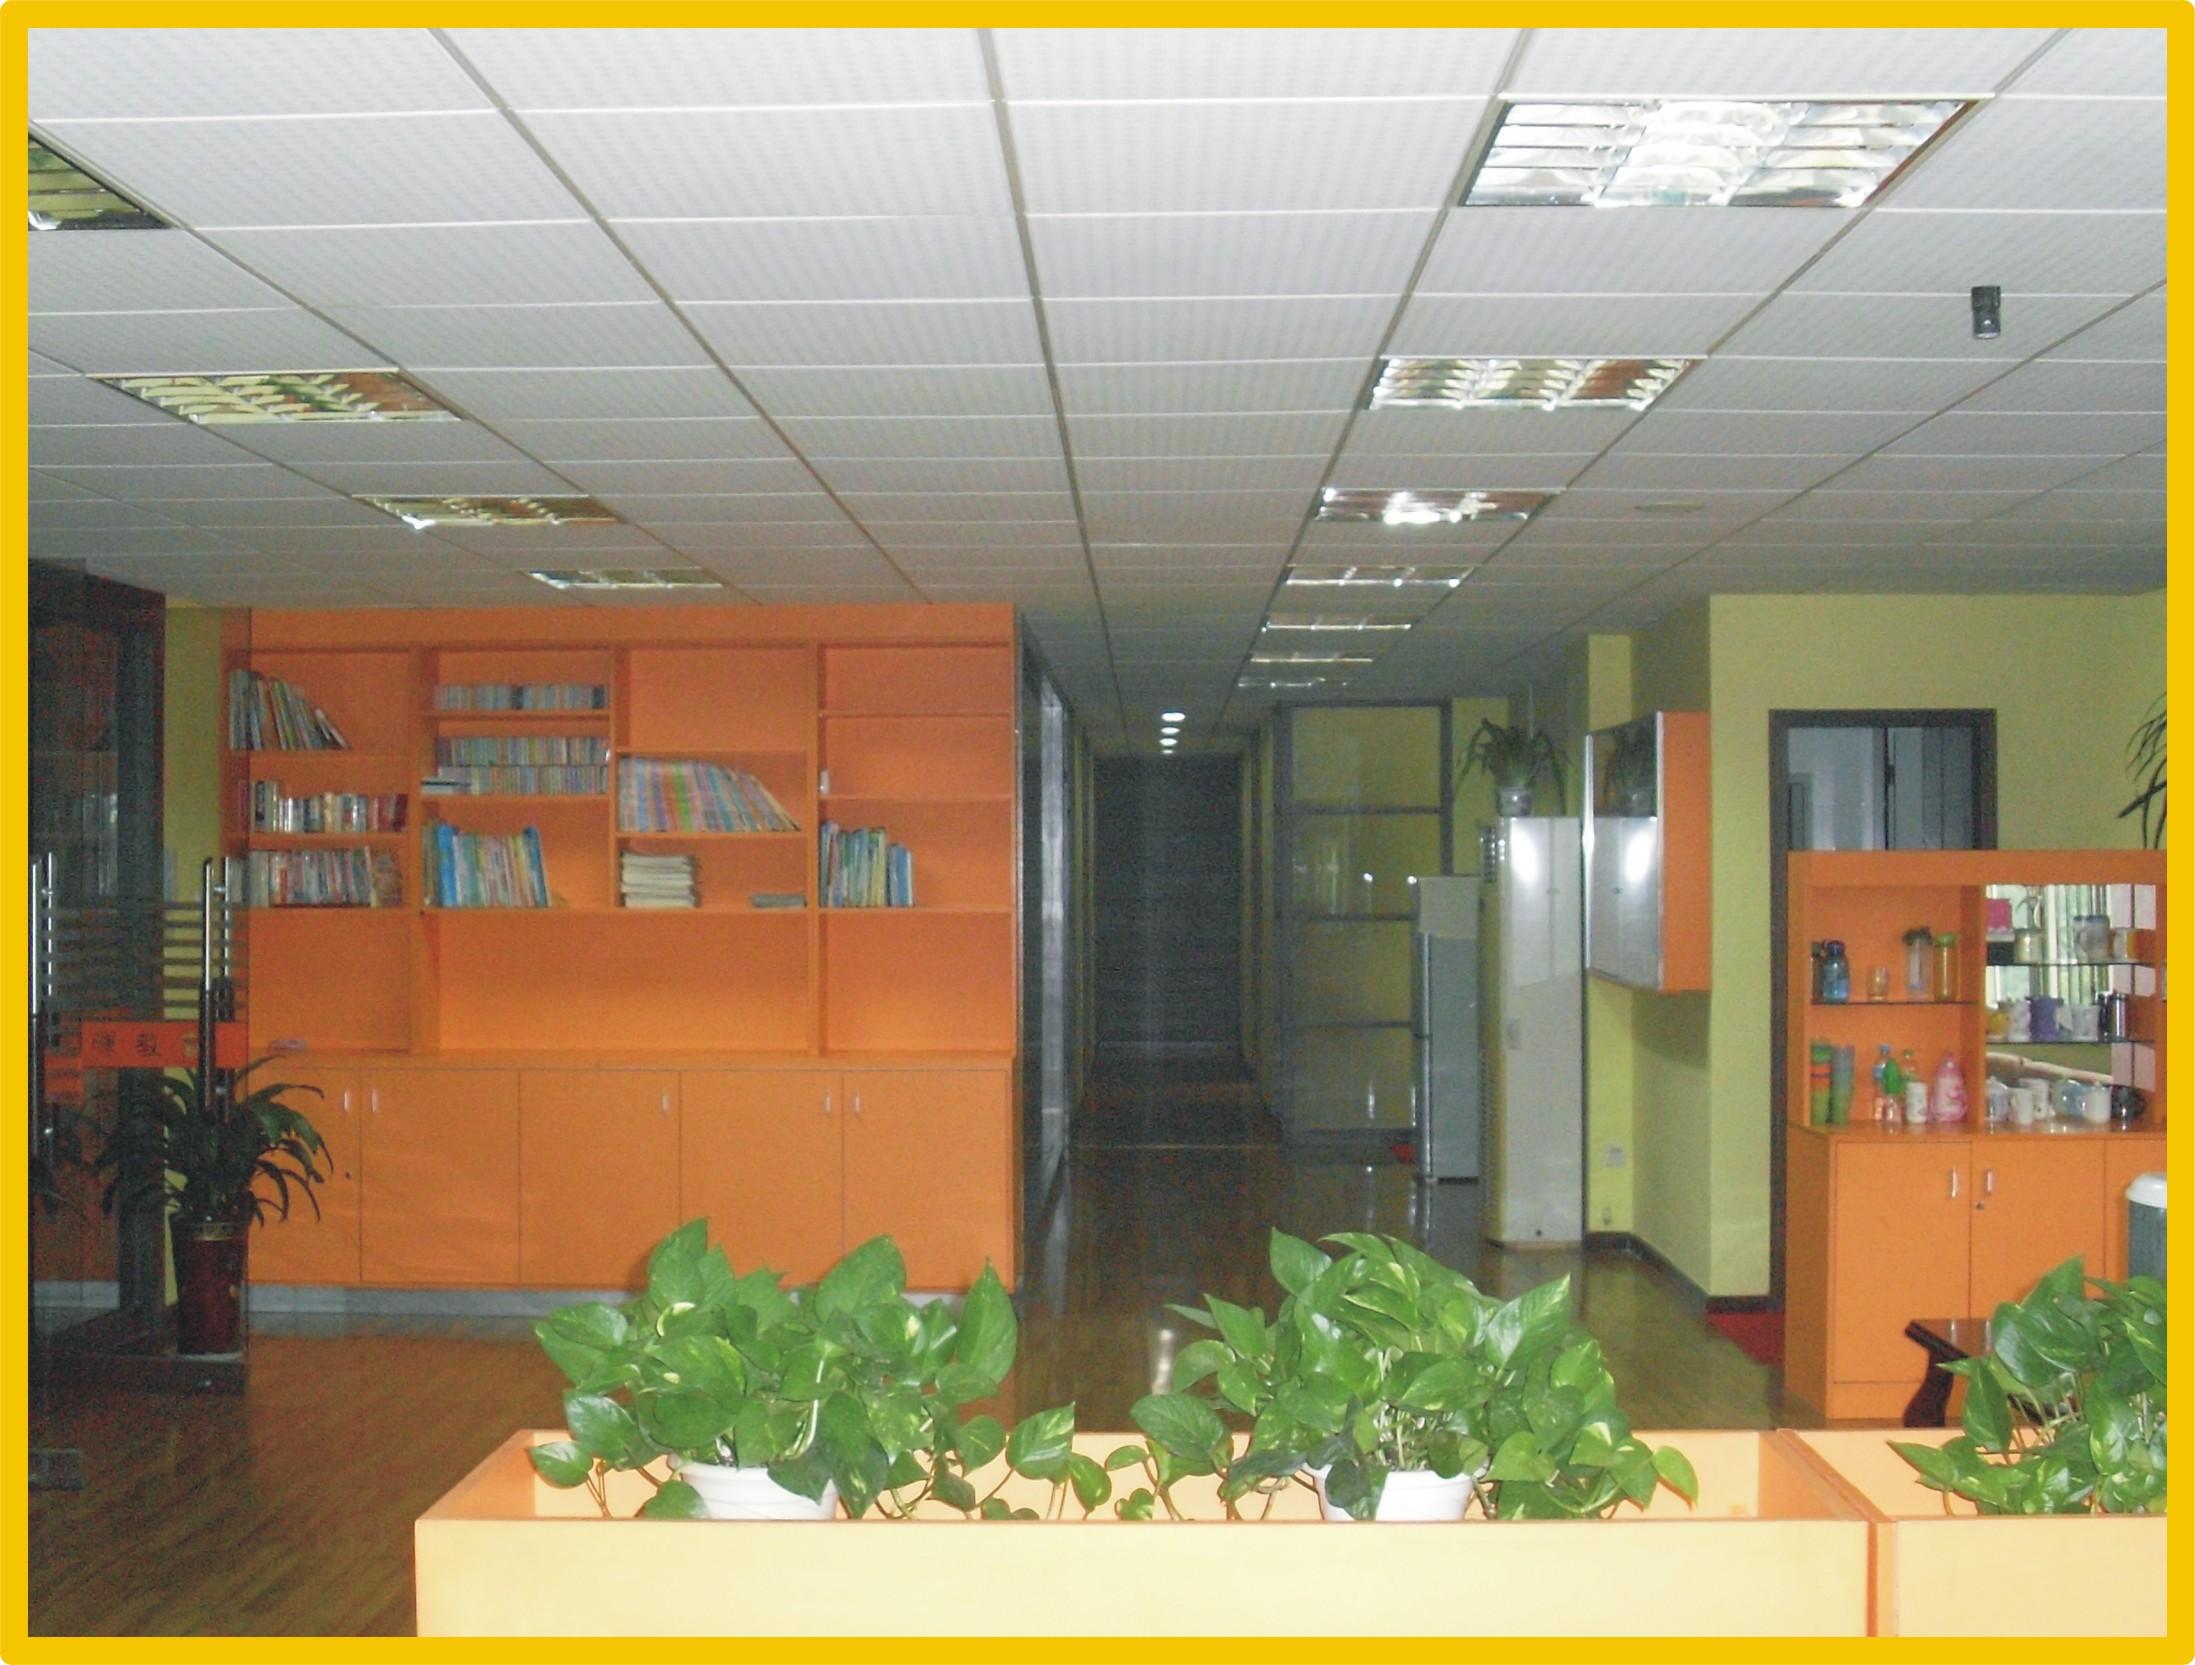 深圳市春晖教育培训机构招聘信息-万行教师人才网